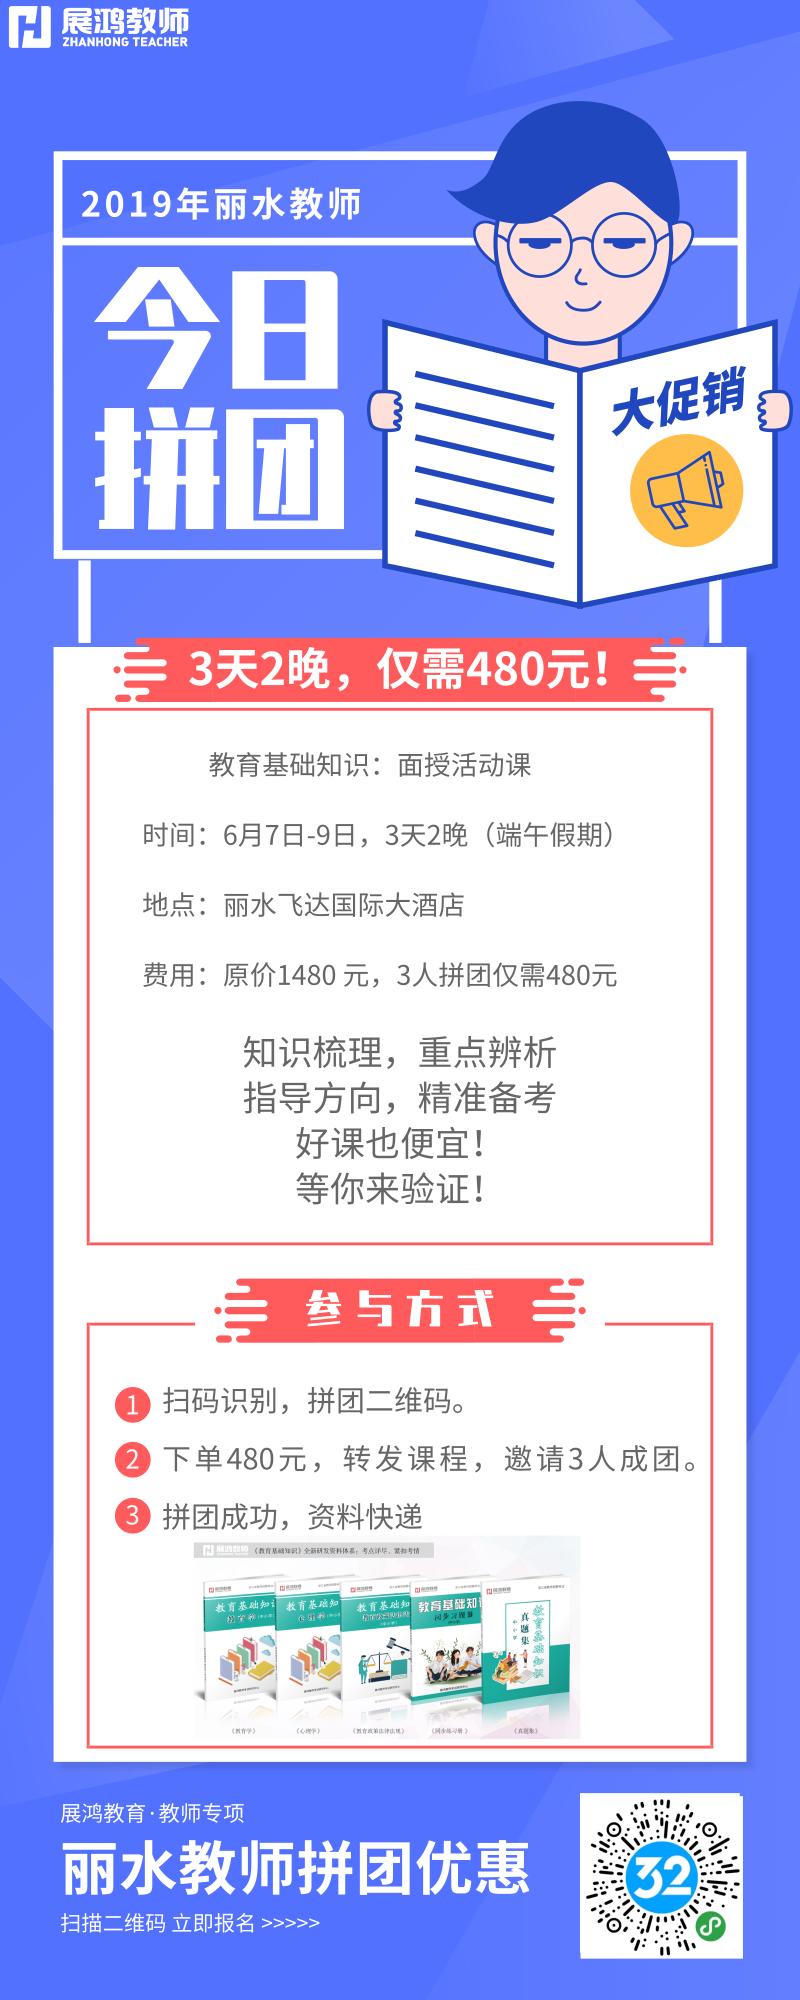 默认标题_营销长图_2019.05.28.png